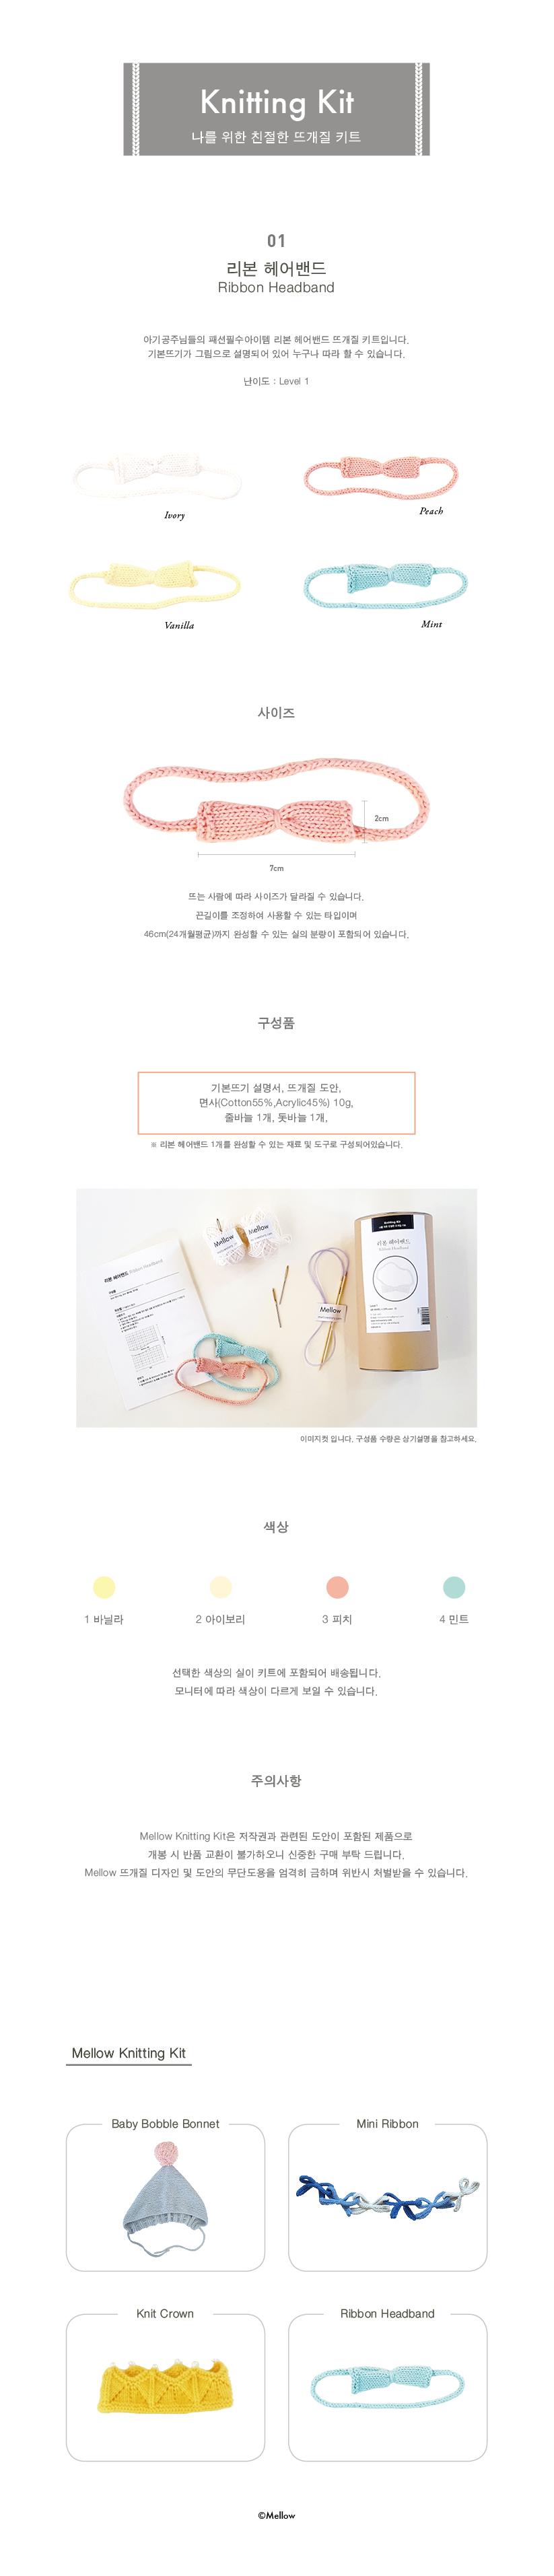 니팅 키트 - 헤어밴드 - 멜로우, 10,000원, 임신/출산선물, 아기용품DIY